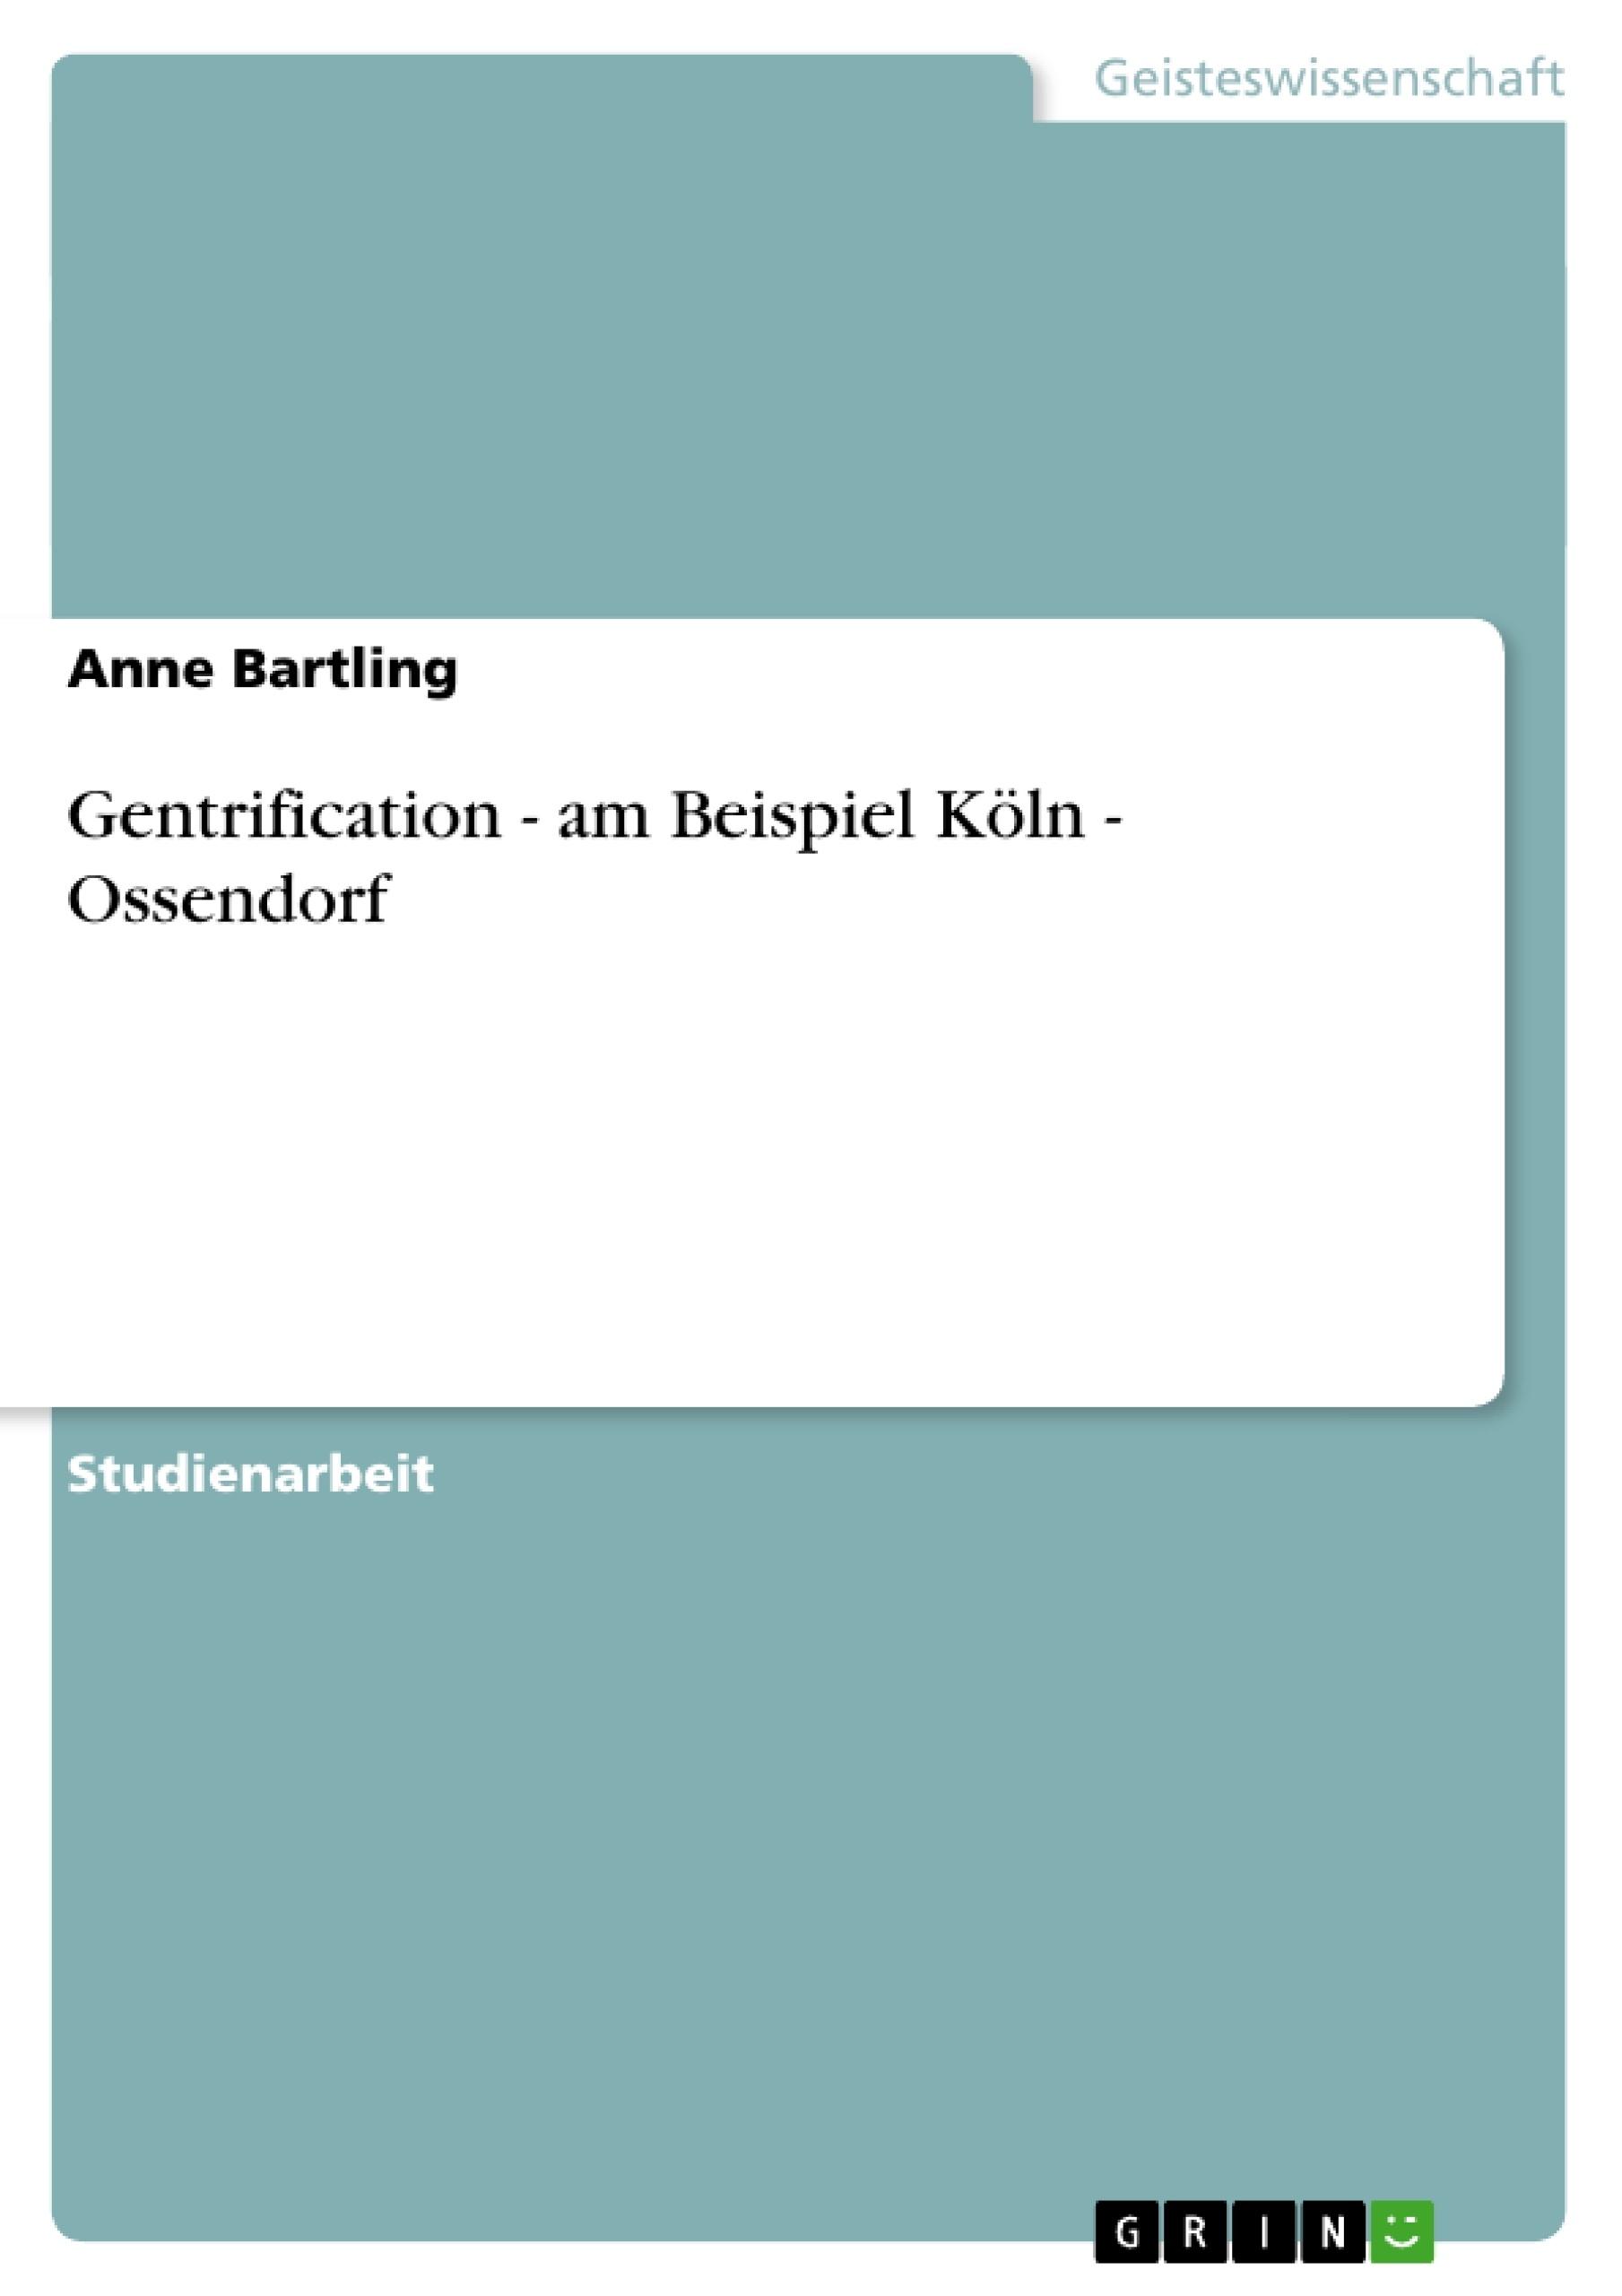 Titel: Gentrification - am Beispiel Köln - Ossendorf